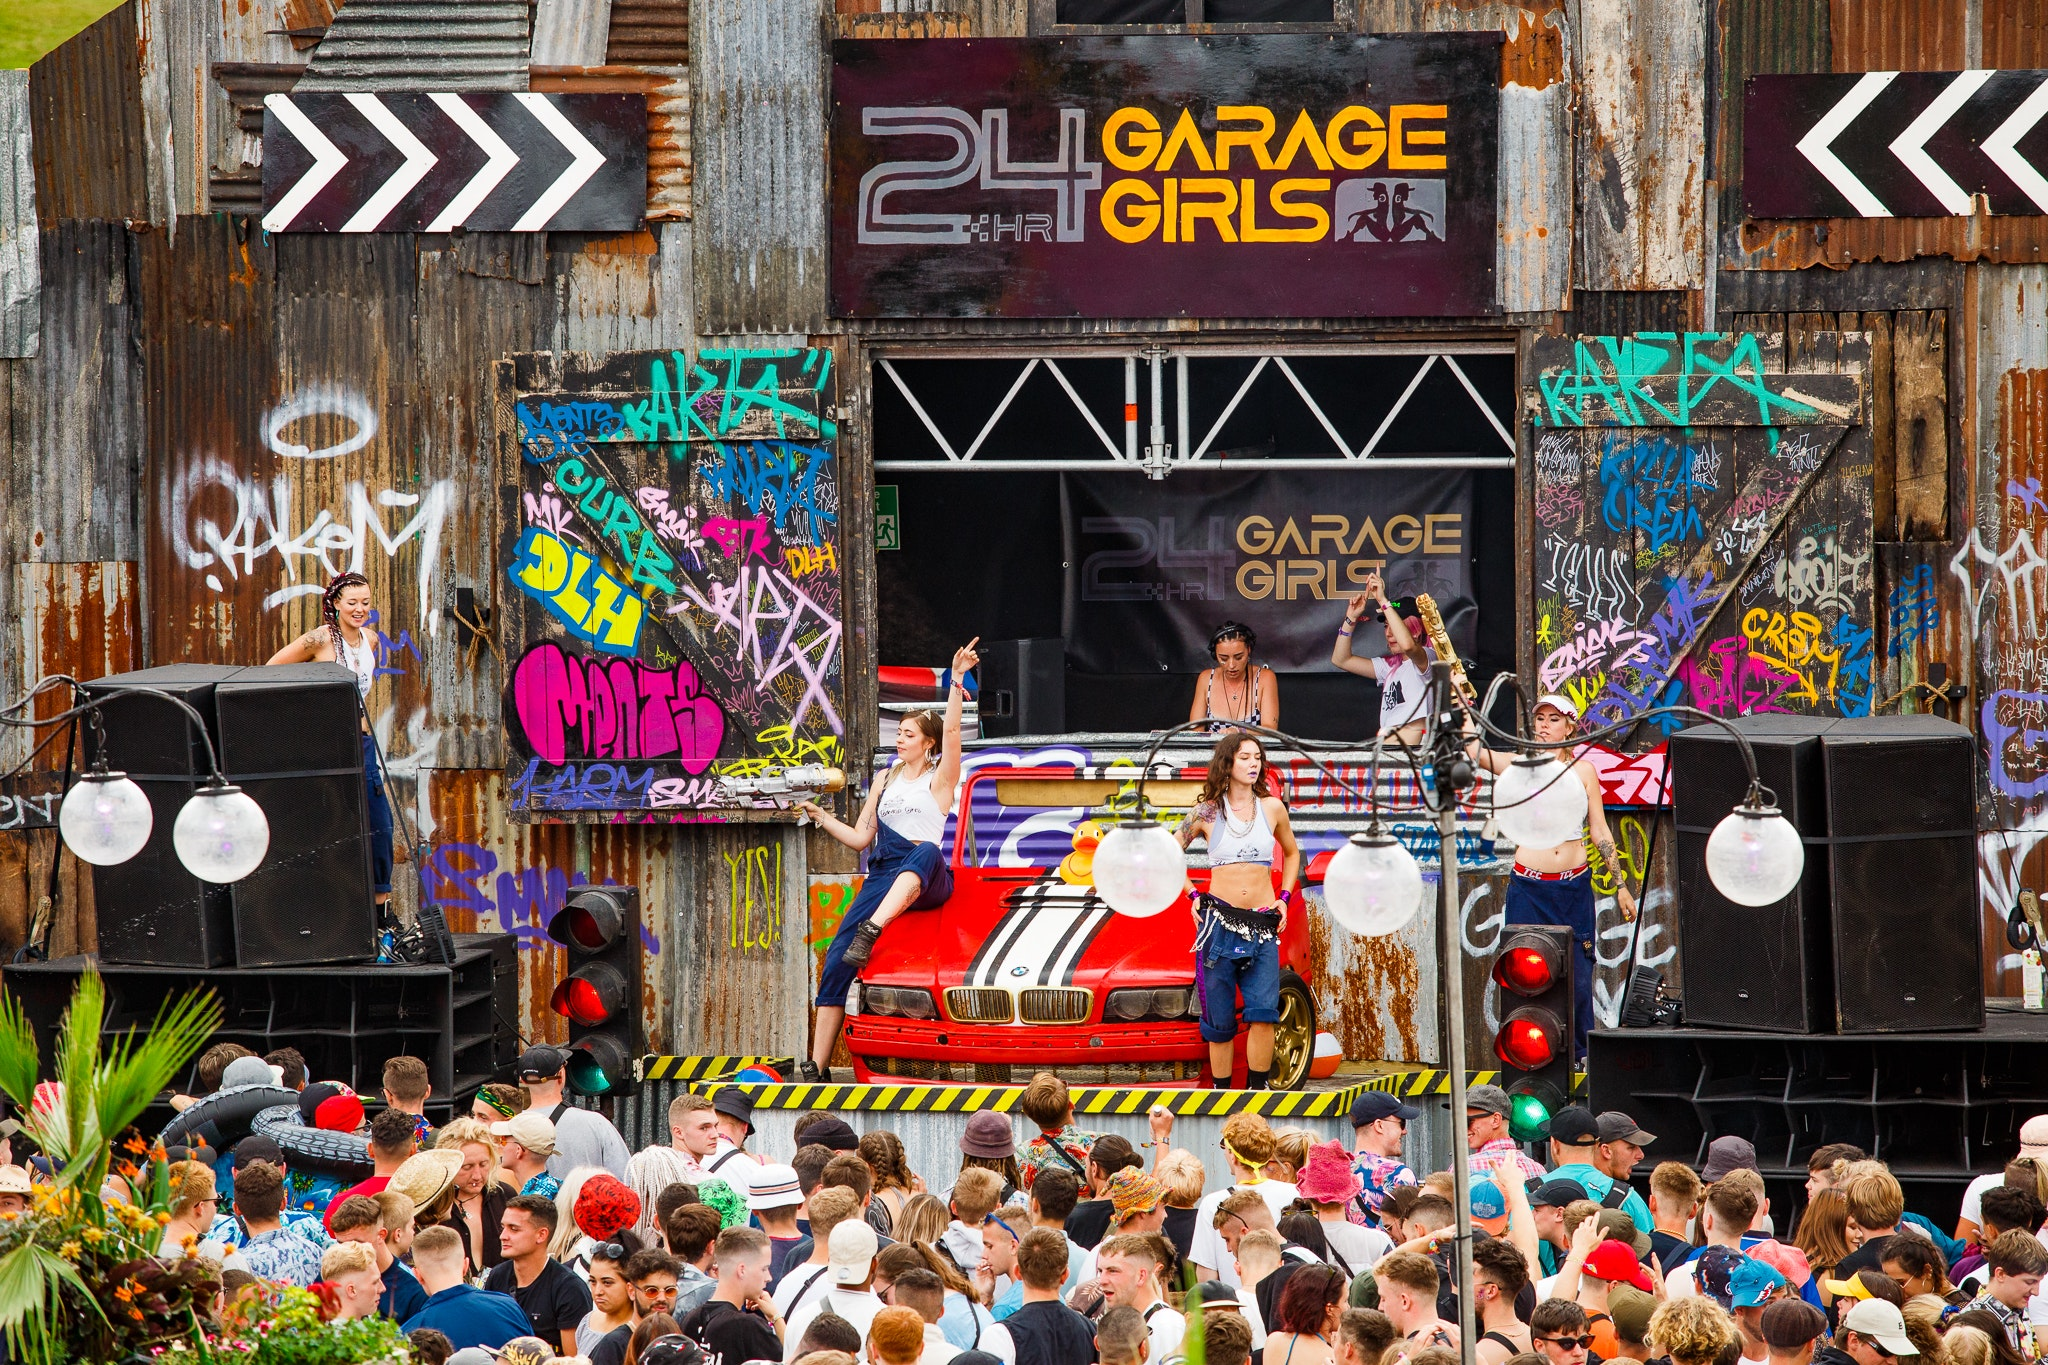 Boomtown Backstage Mini-Tour #1: 24hr Garage Girls